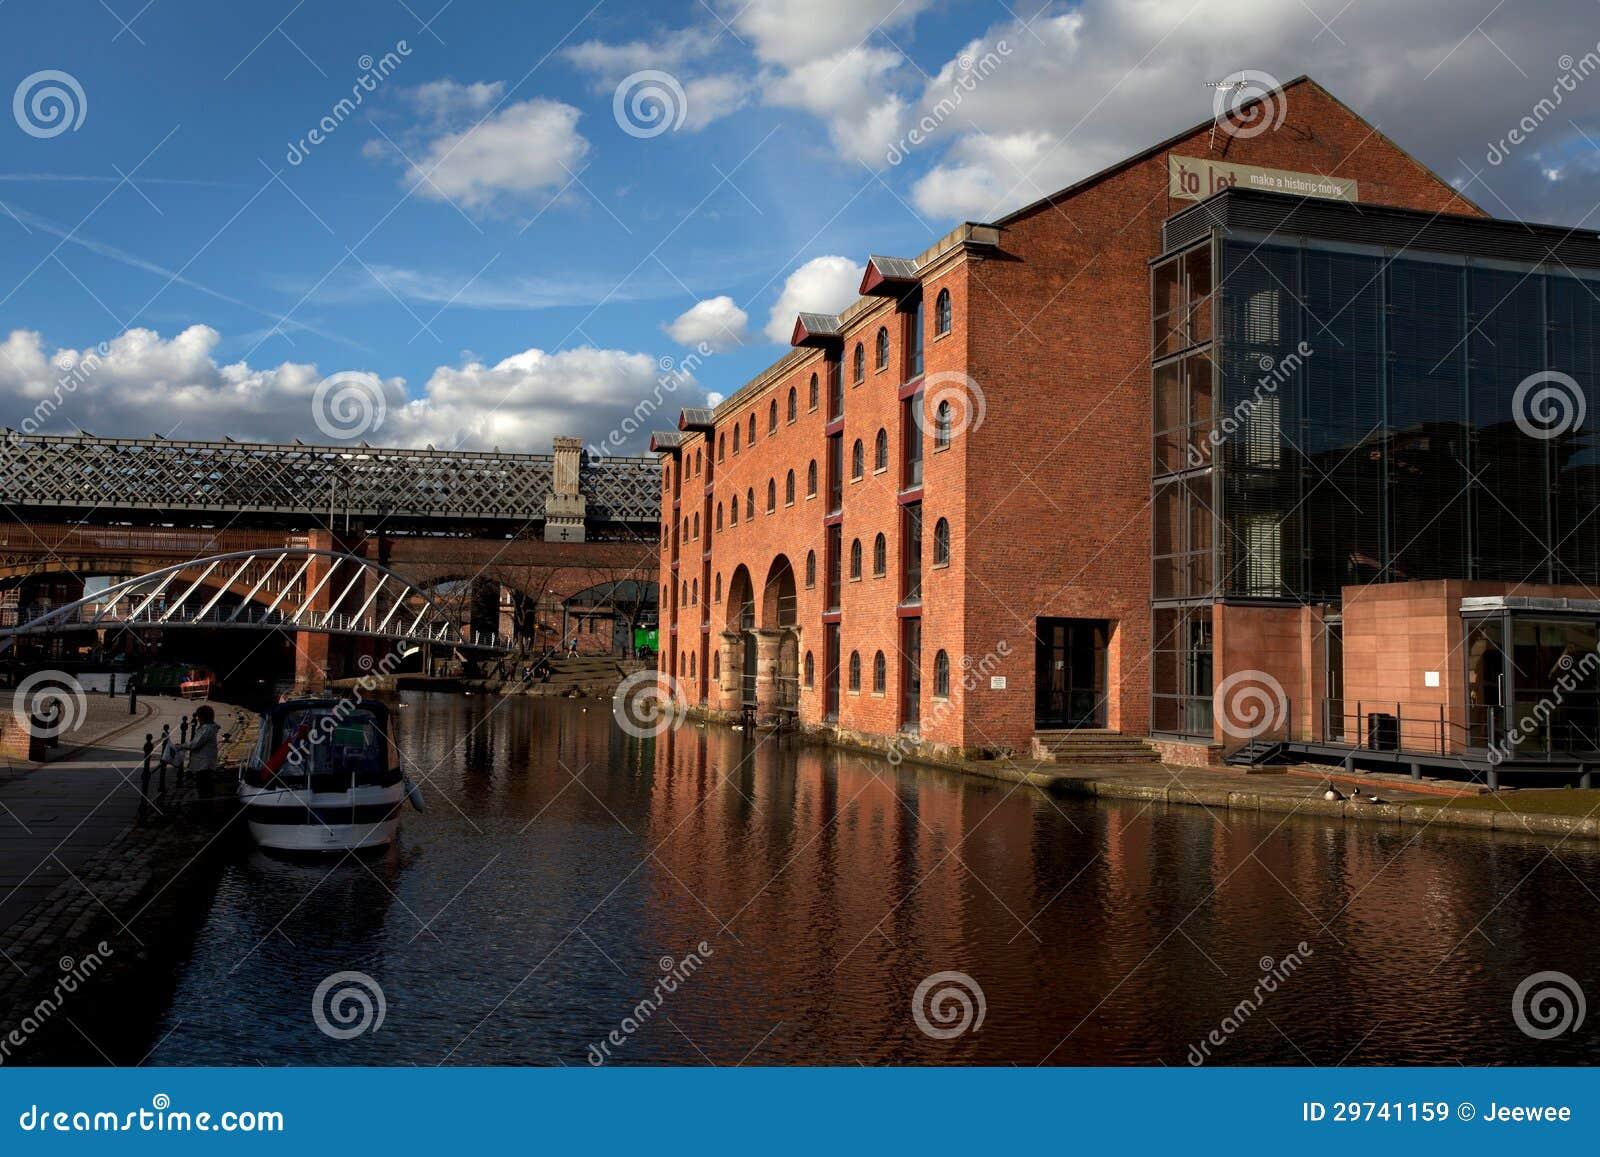 Castlefield a Manchester, Regno Unito